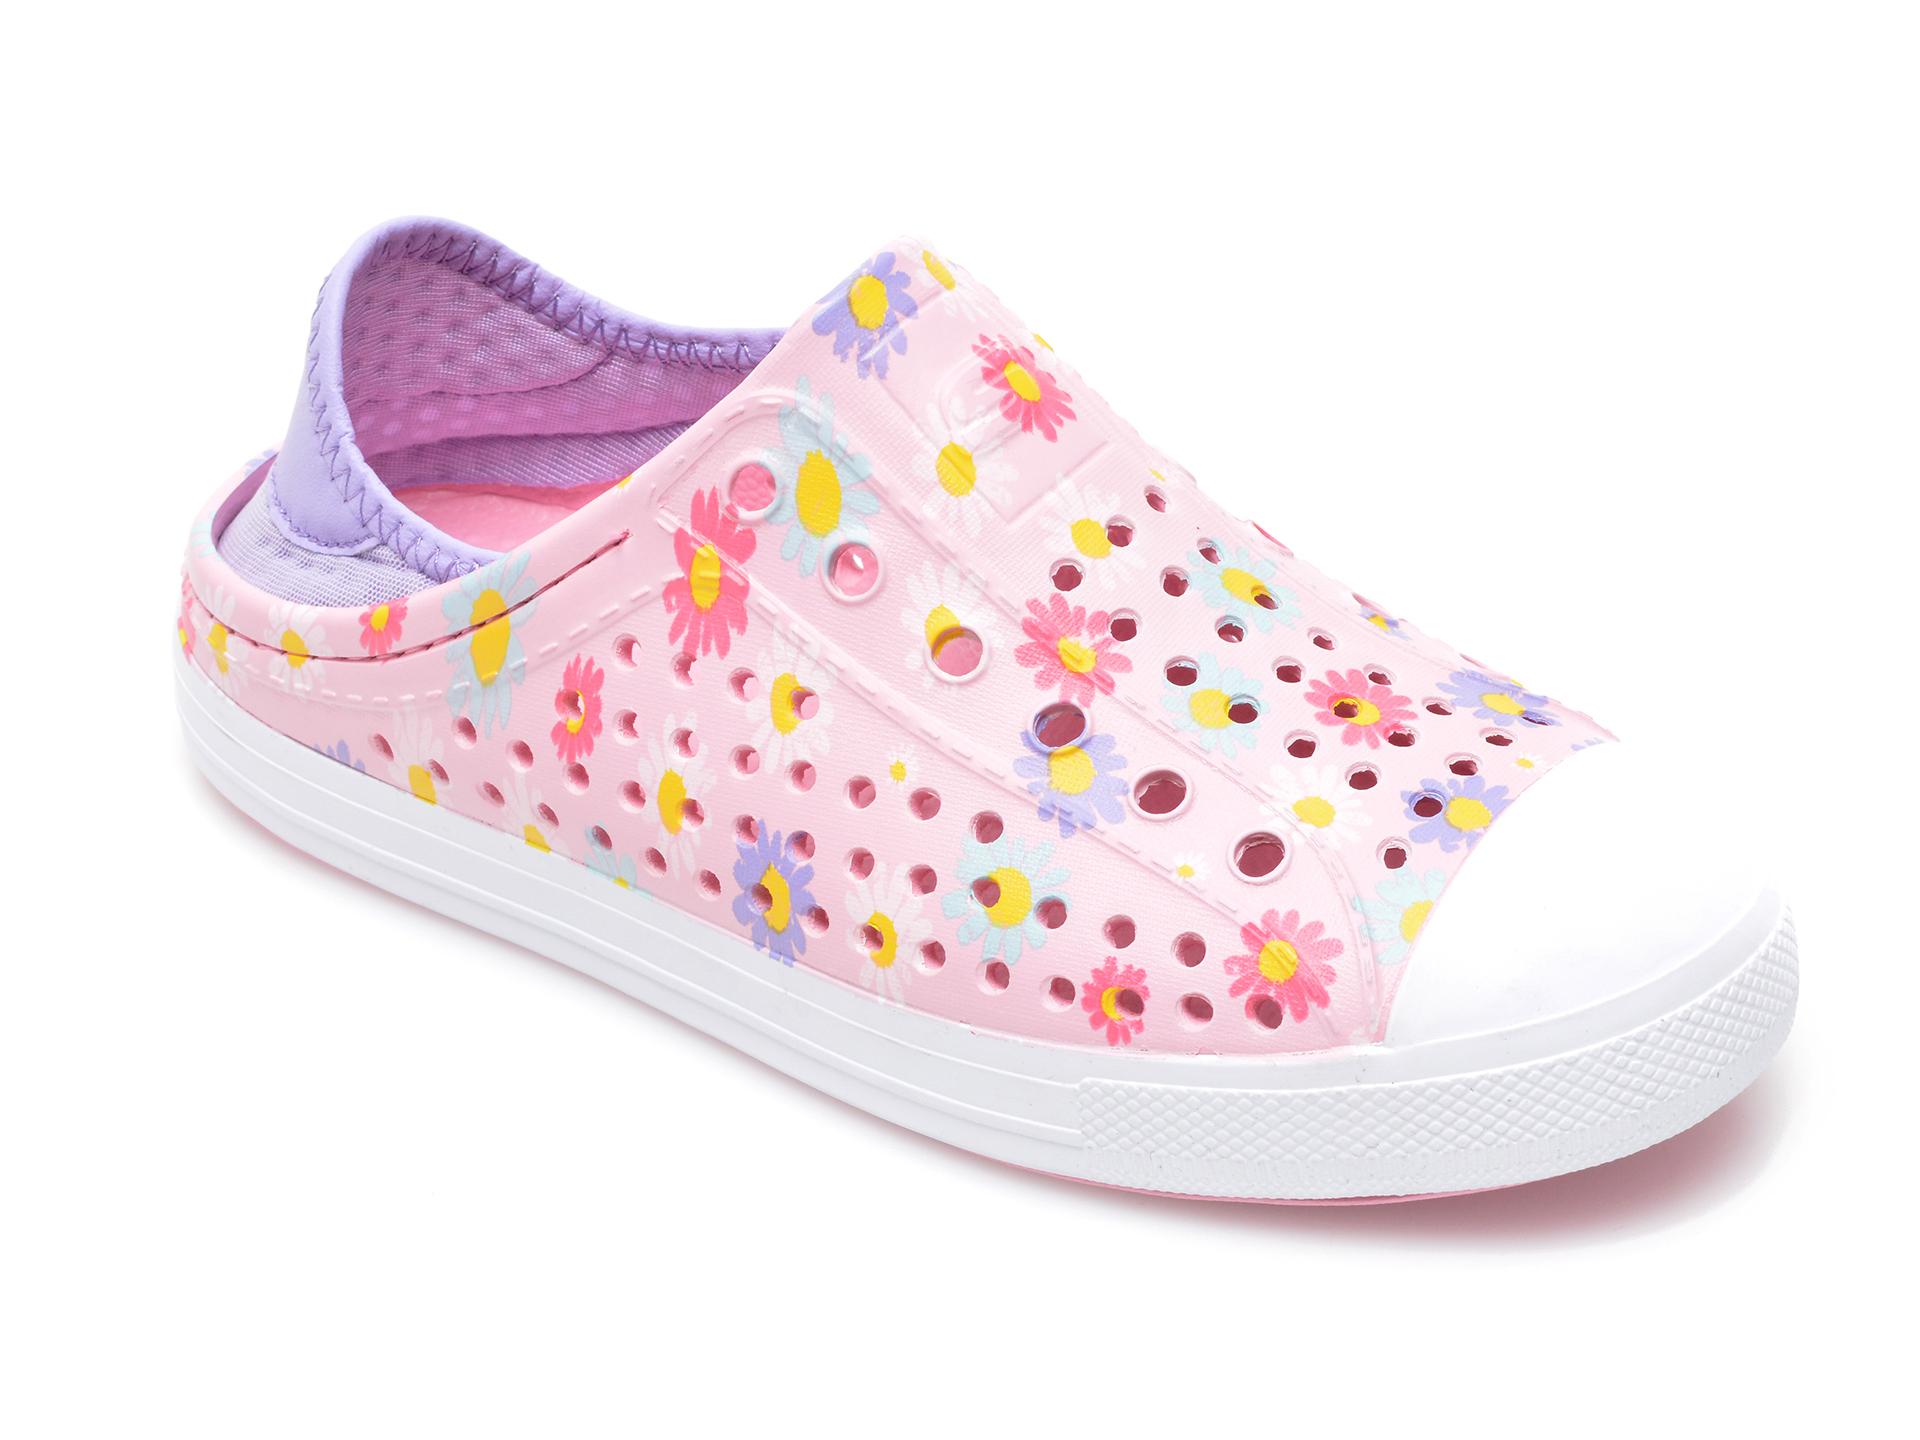 Pantofi SKECHERS roz, 302114L, din pvc